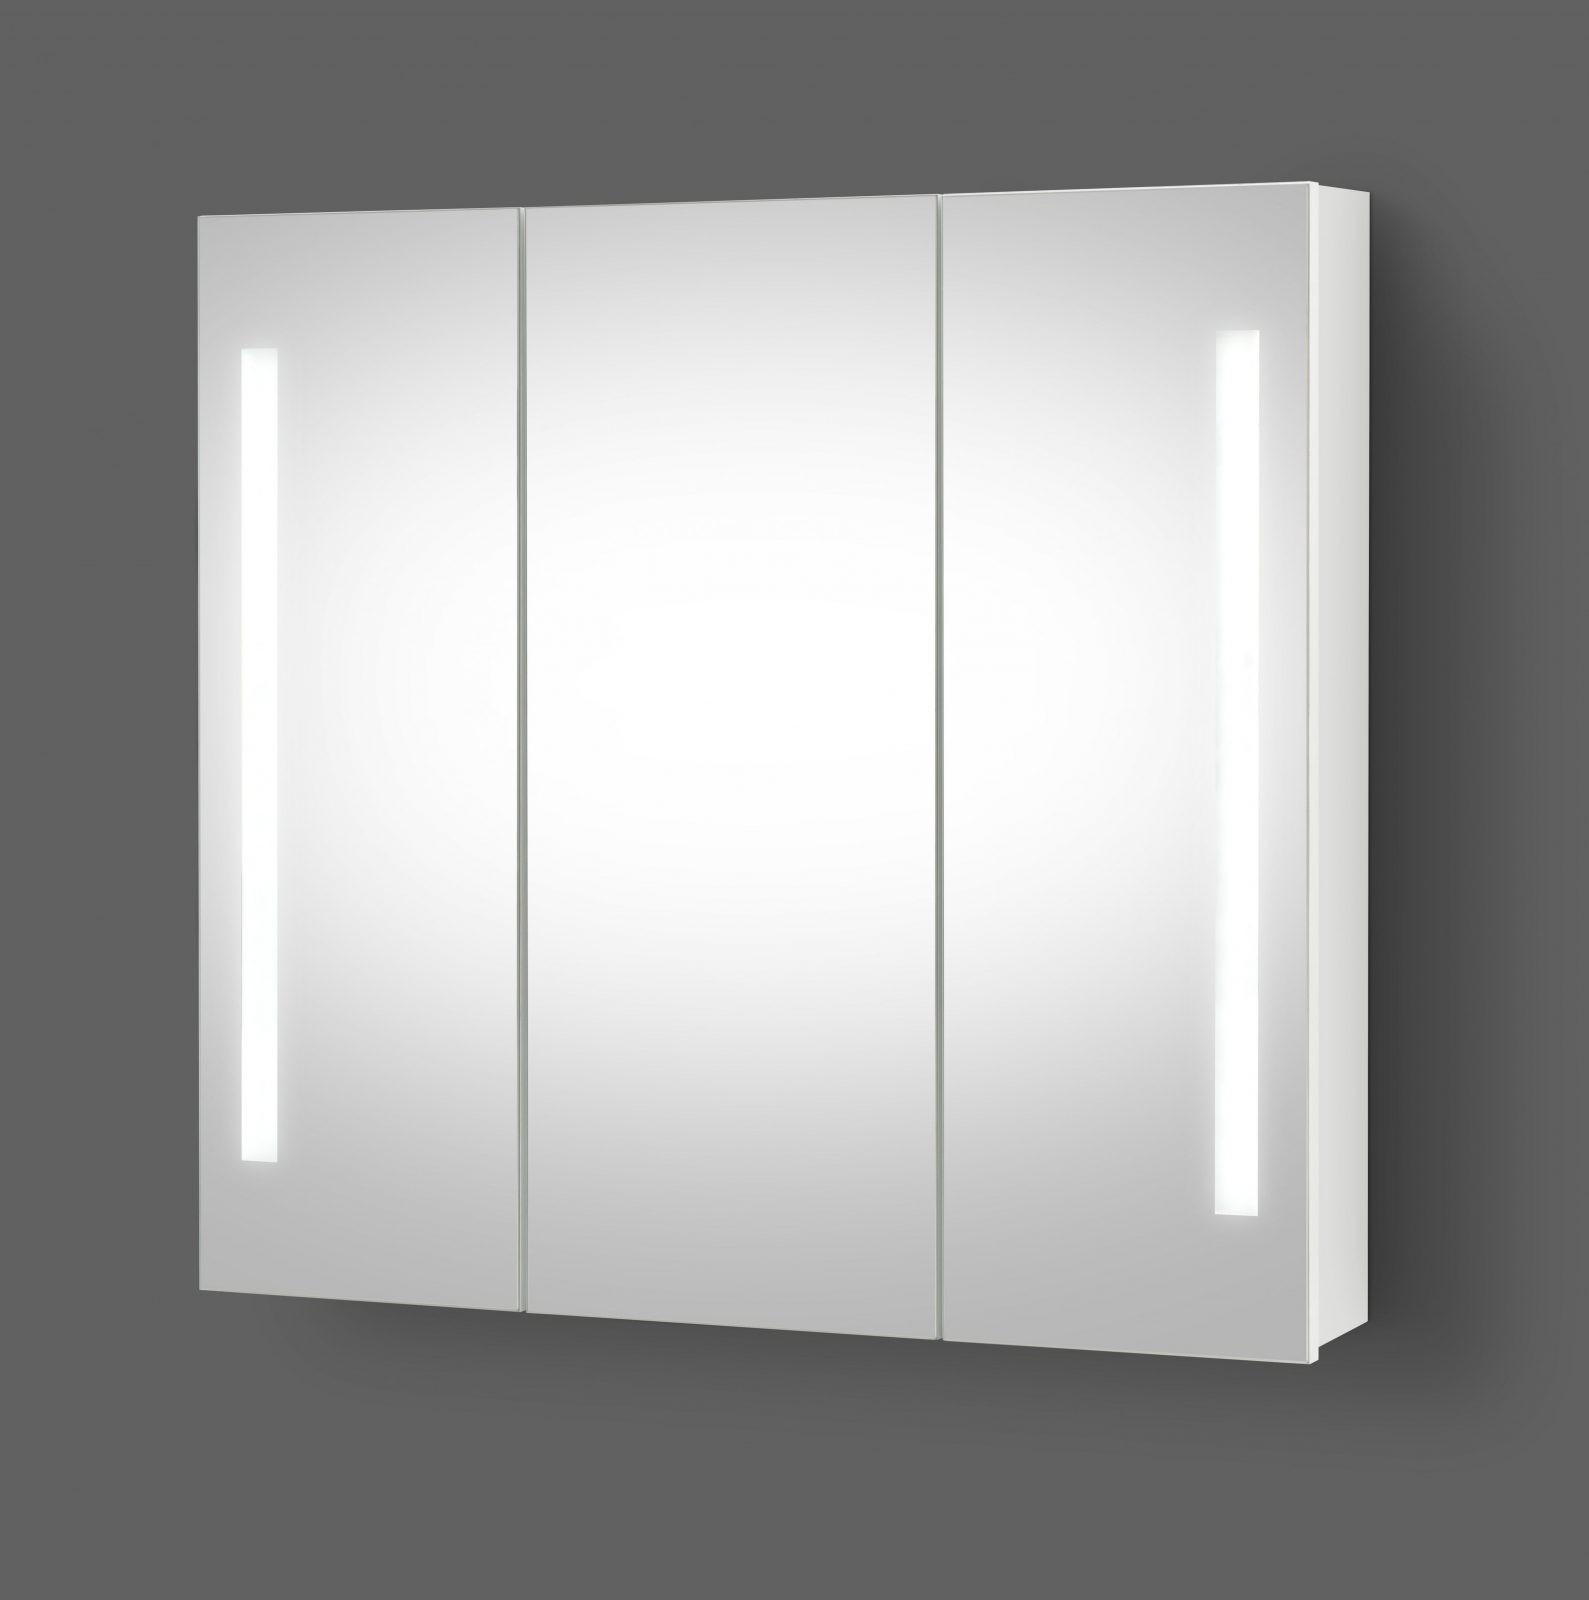 Spiegelschrank Mit Led Beleuchtung 90 Cm – Möbel Shop von Bad Spiegelschrank 100 Cm Breit Photo